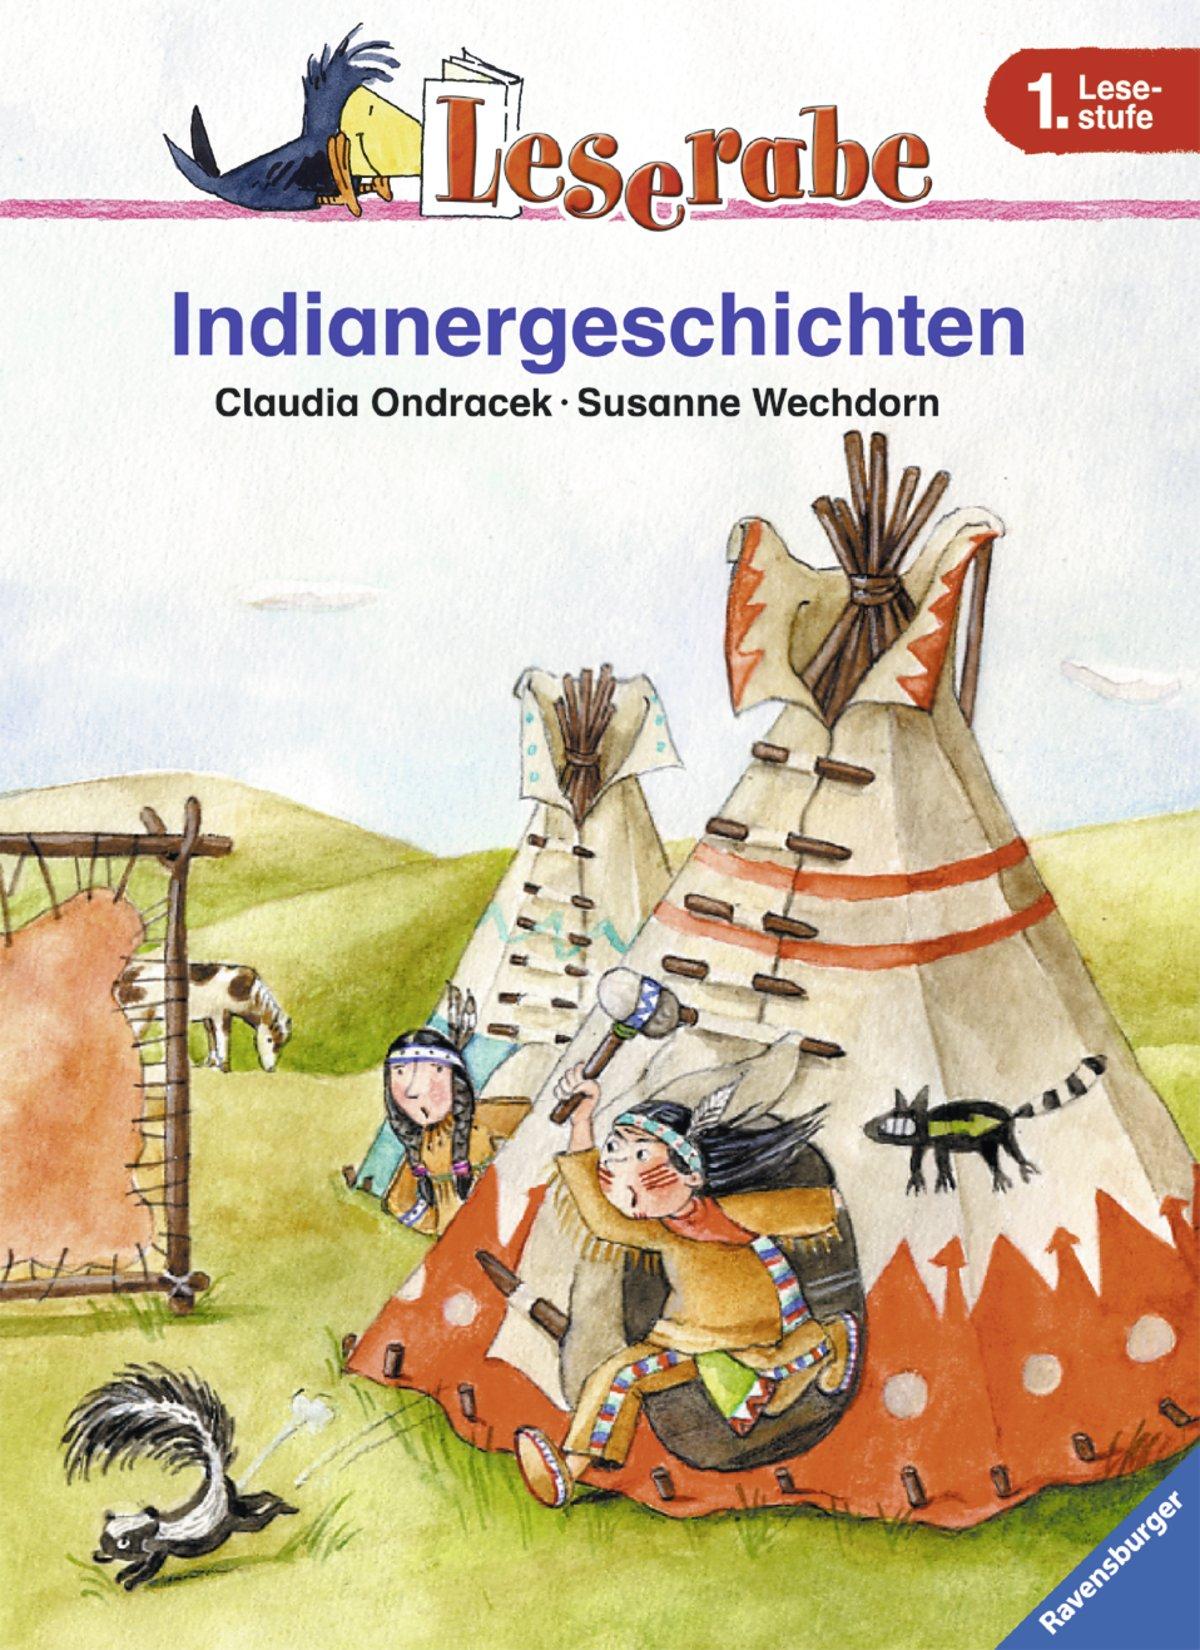 Leserabe. Indianergeschichten. 1. Lesestufe, ab 1. Klasse (Leserabe - 1. Lesestufe)